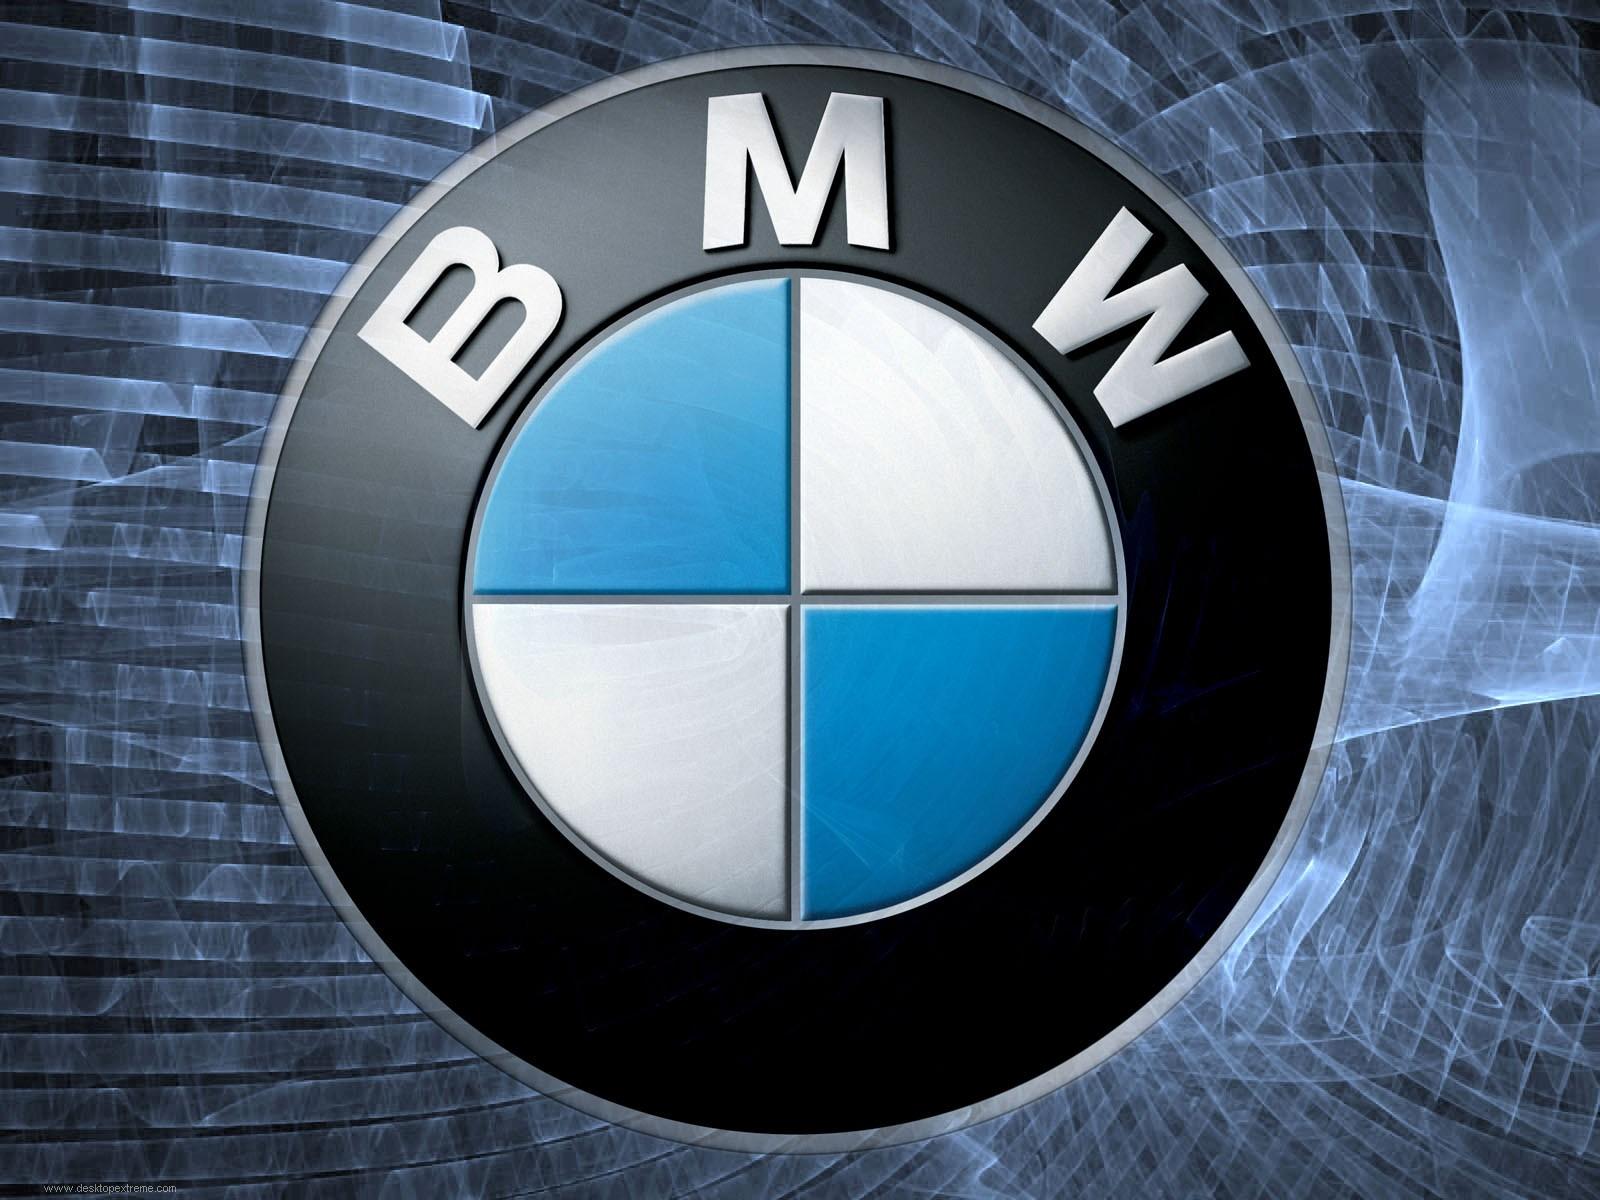 http://1.bp.blogspot.com/--RGJ2xTwyhE/USZmrMUSZfI/AAAAAAAABnU/k2oIjCujC_0/s1600/BMW-logo+1.jpg